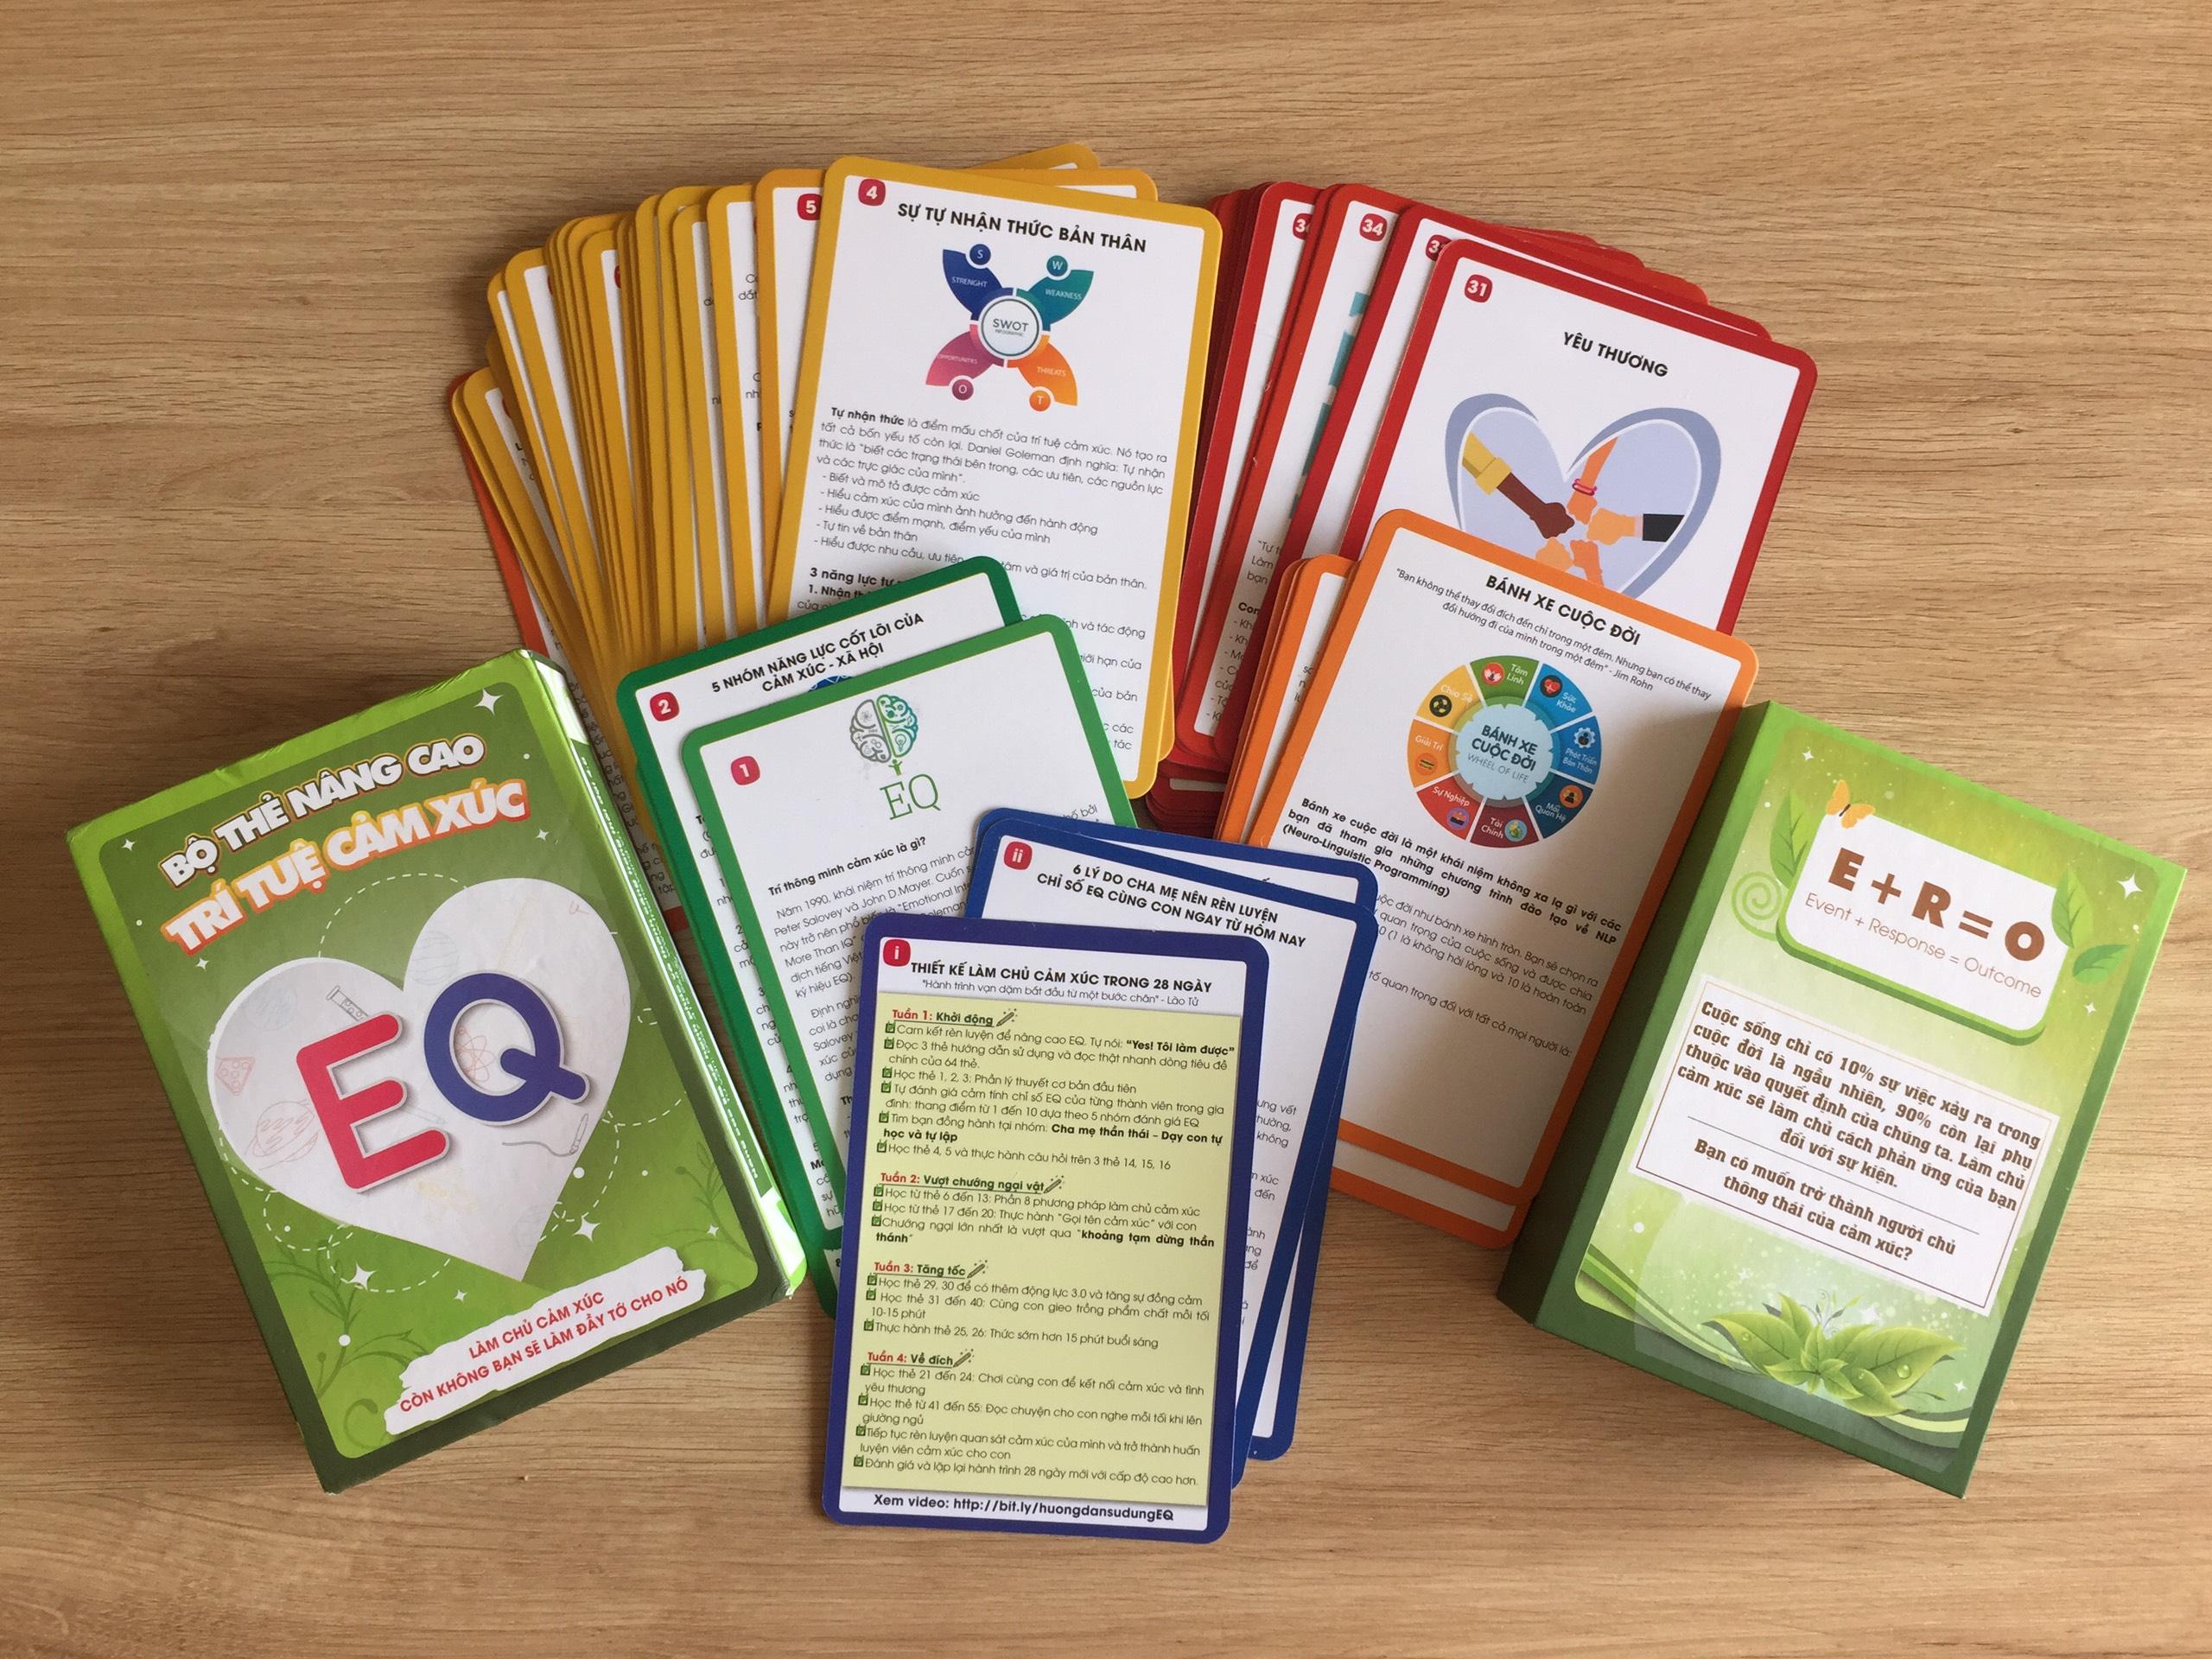 Bộ thẻ nâng cao EQ cho trẻ và cả cha mẹ